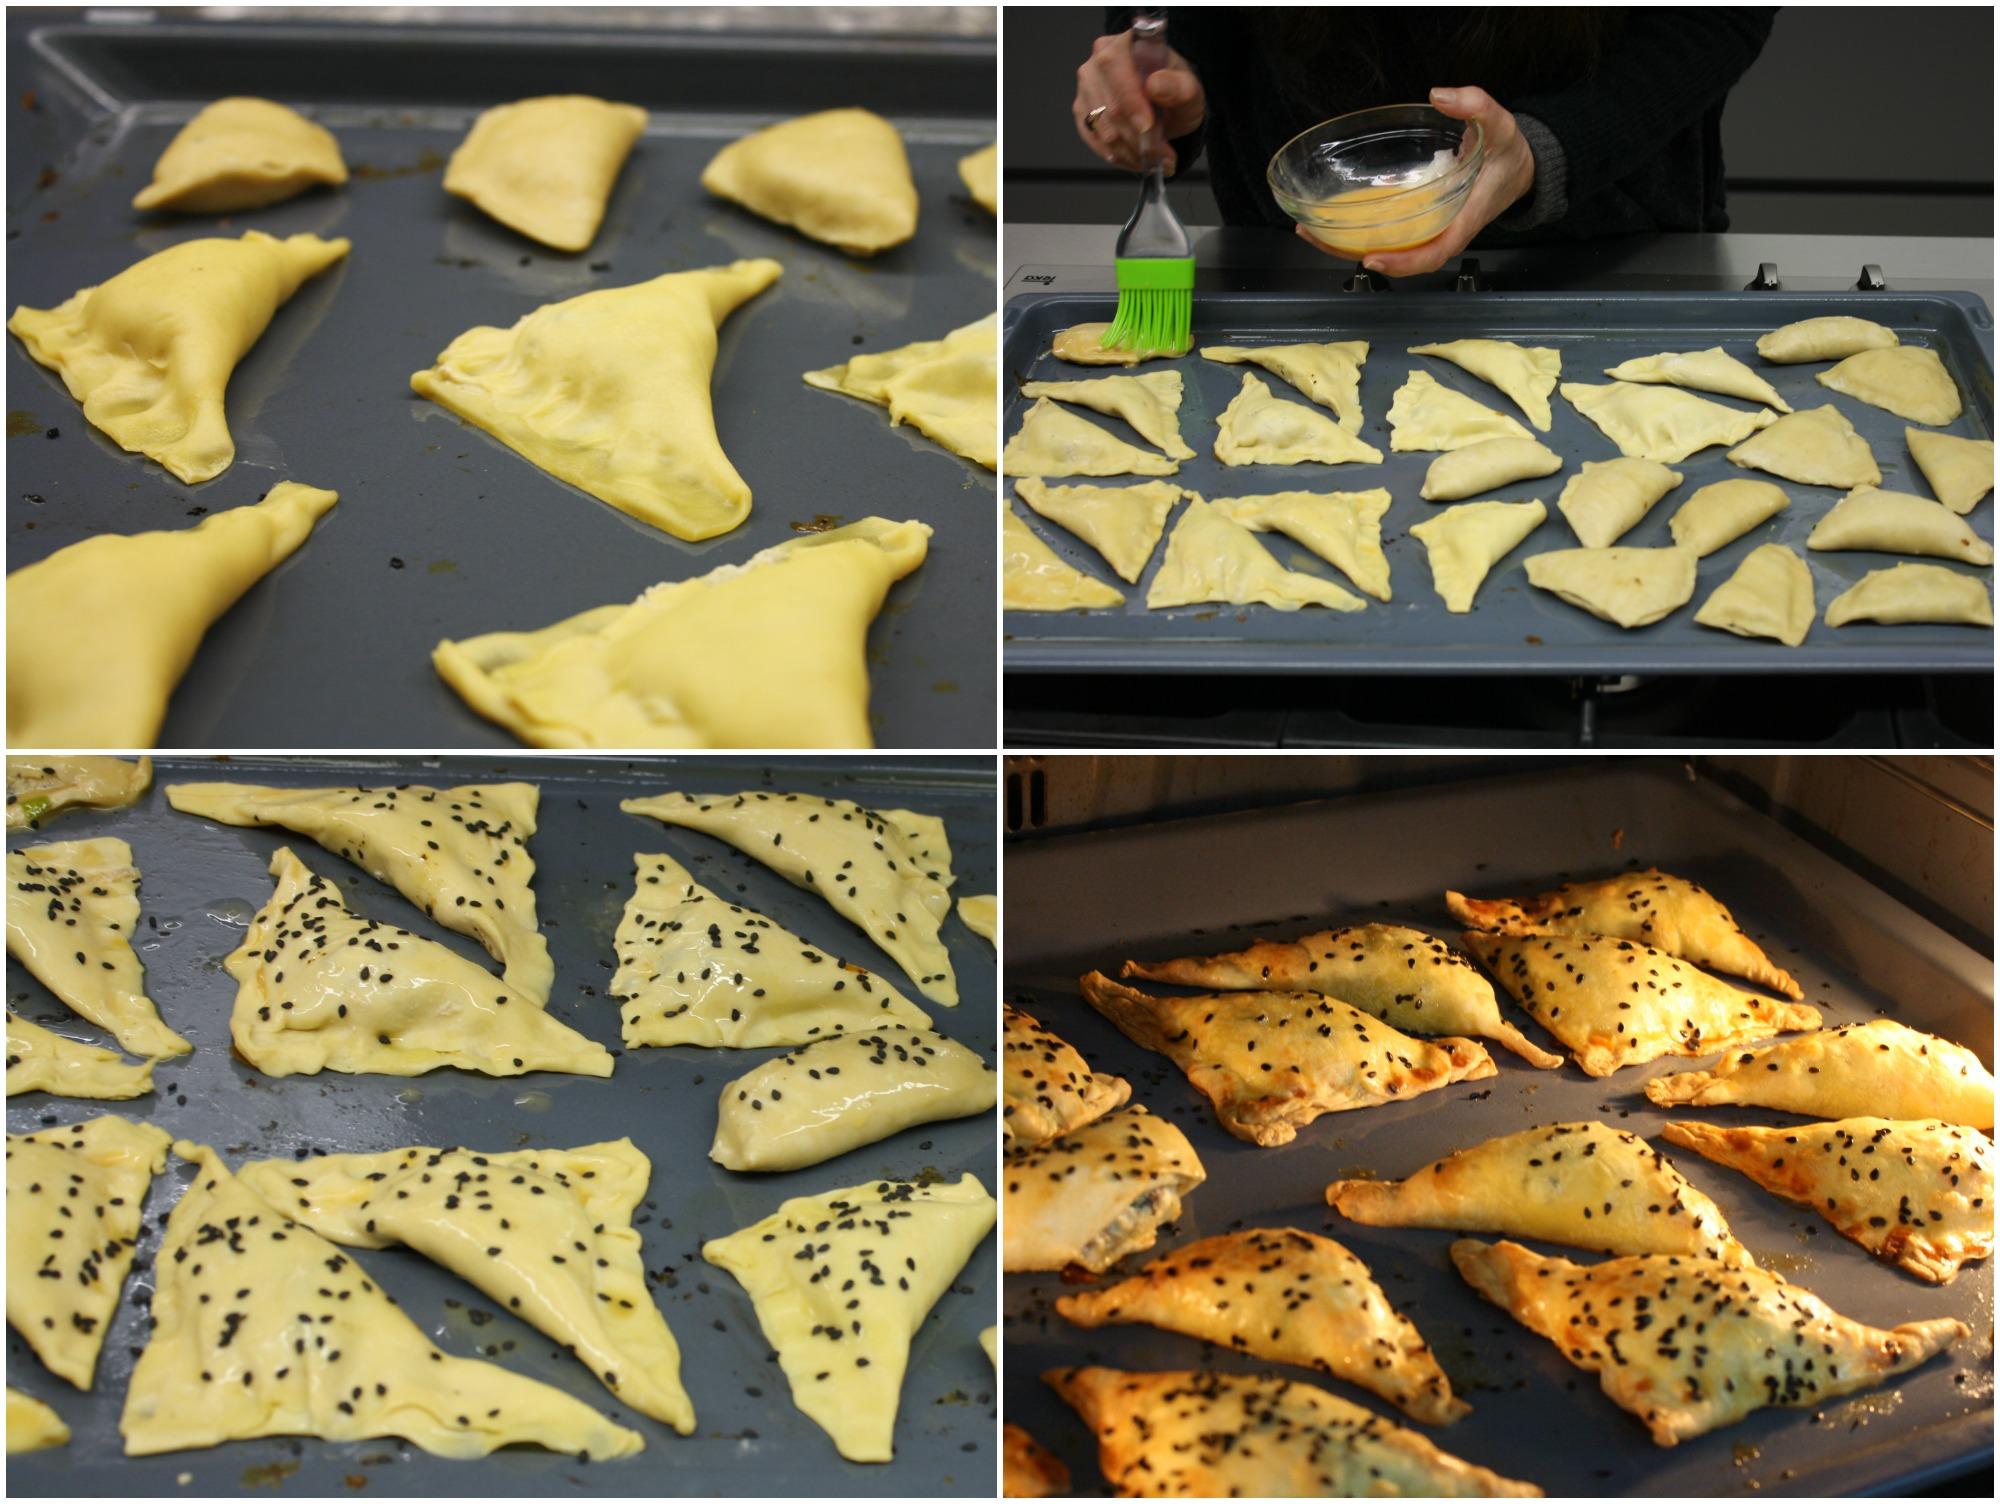 πώς να ψήσετε μανιταροπιτάκια με σκόρδο και δεντρολίβανο